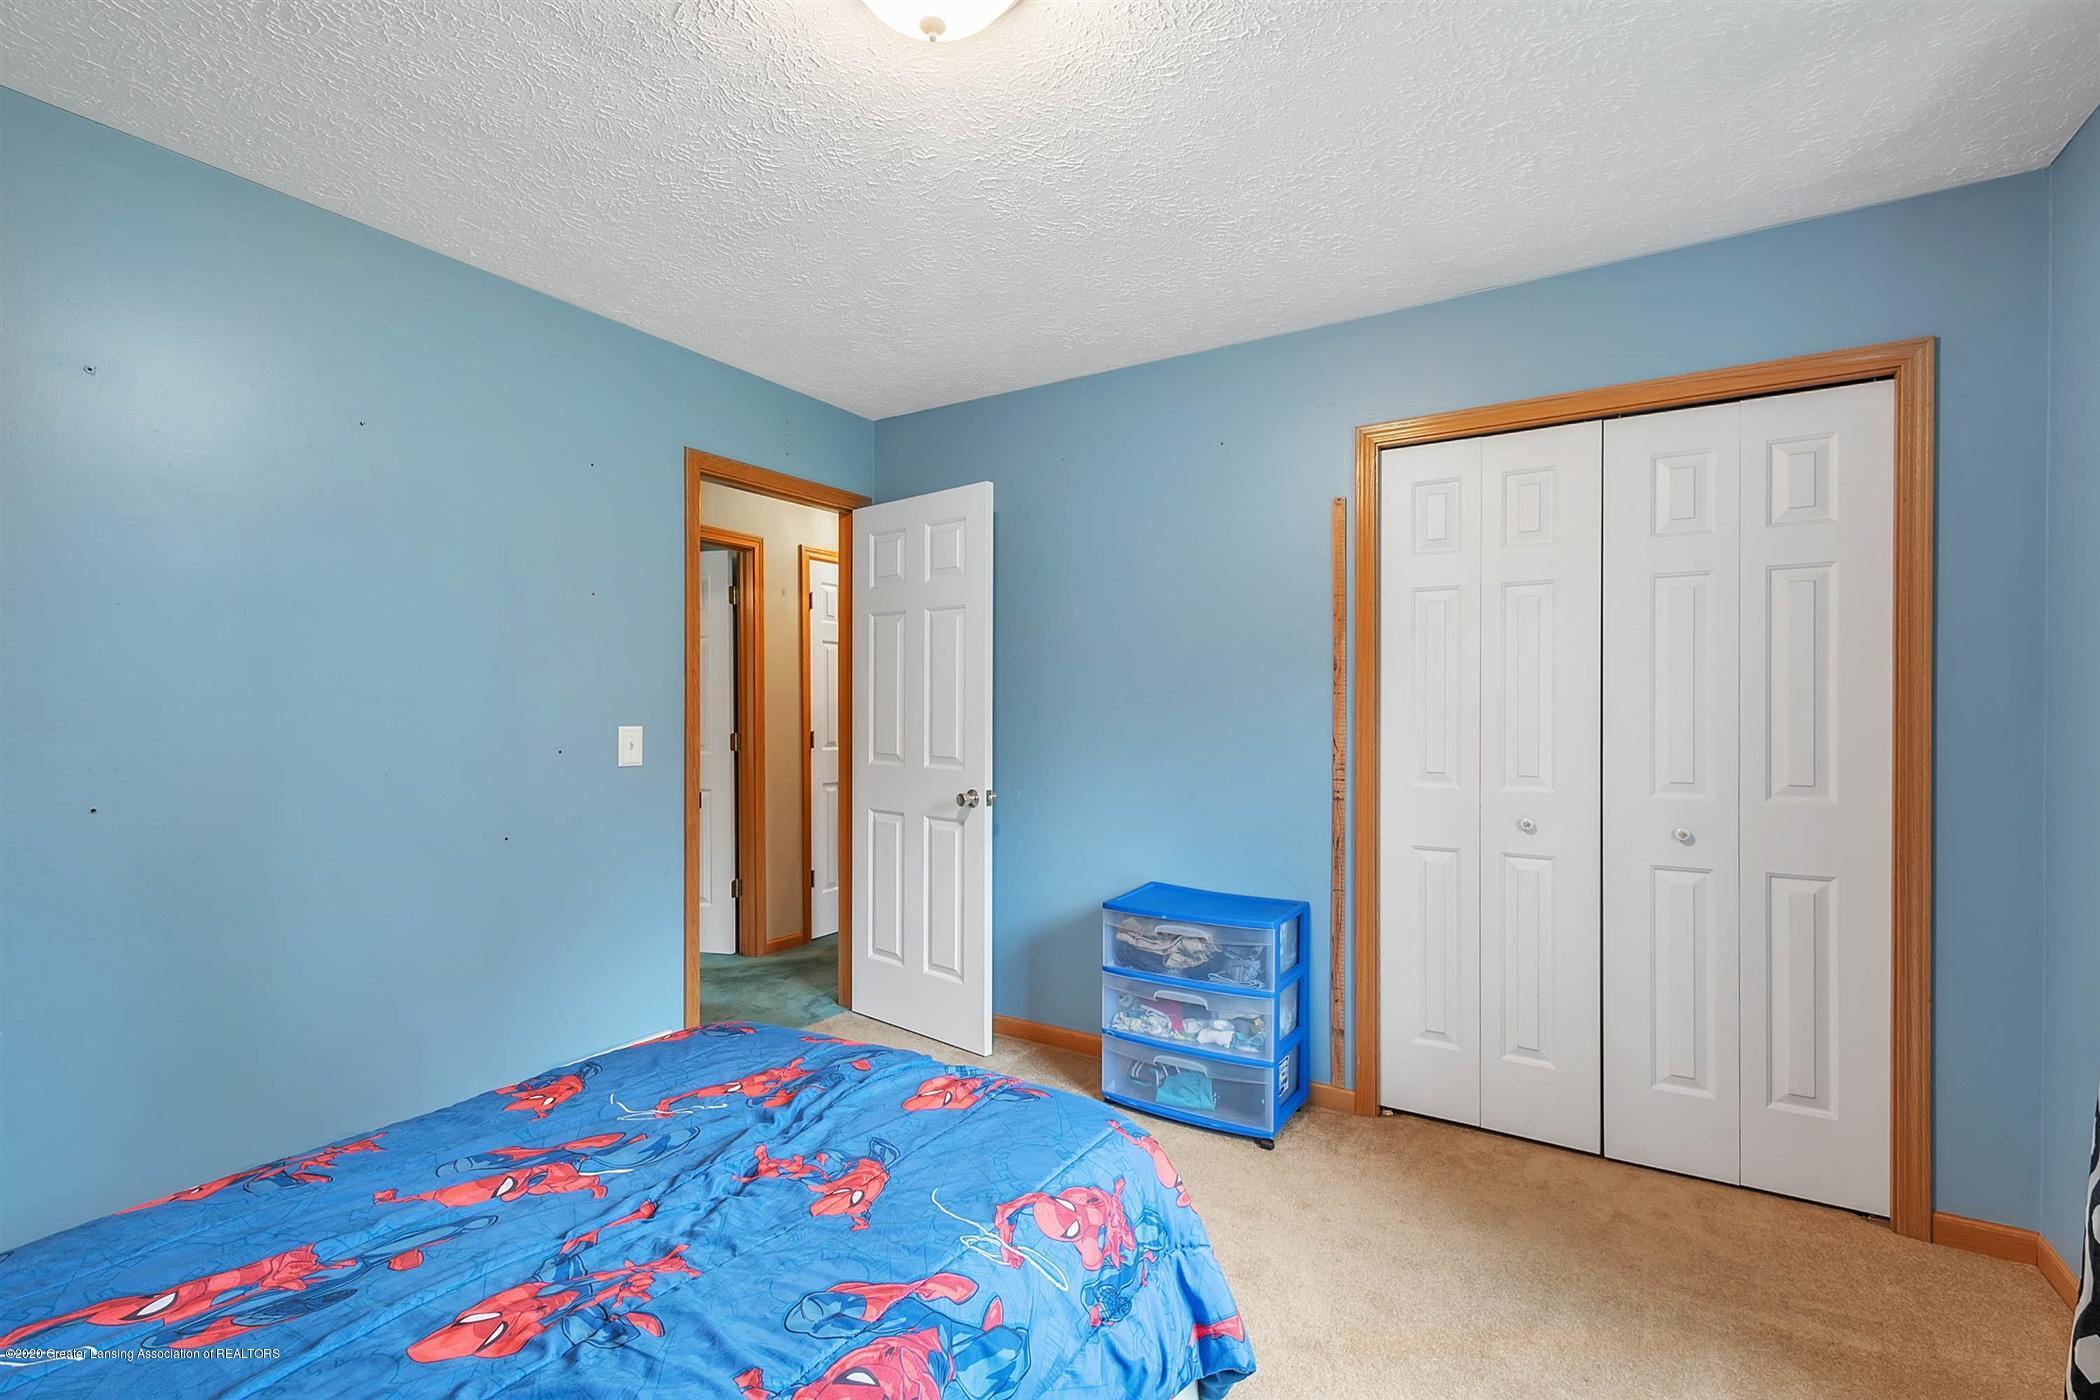 10368 W Mason Rd - 21-10368 W Mason Rd -WindowStill-Re - 19